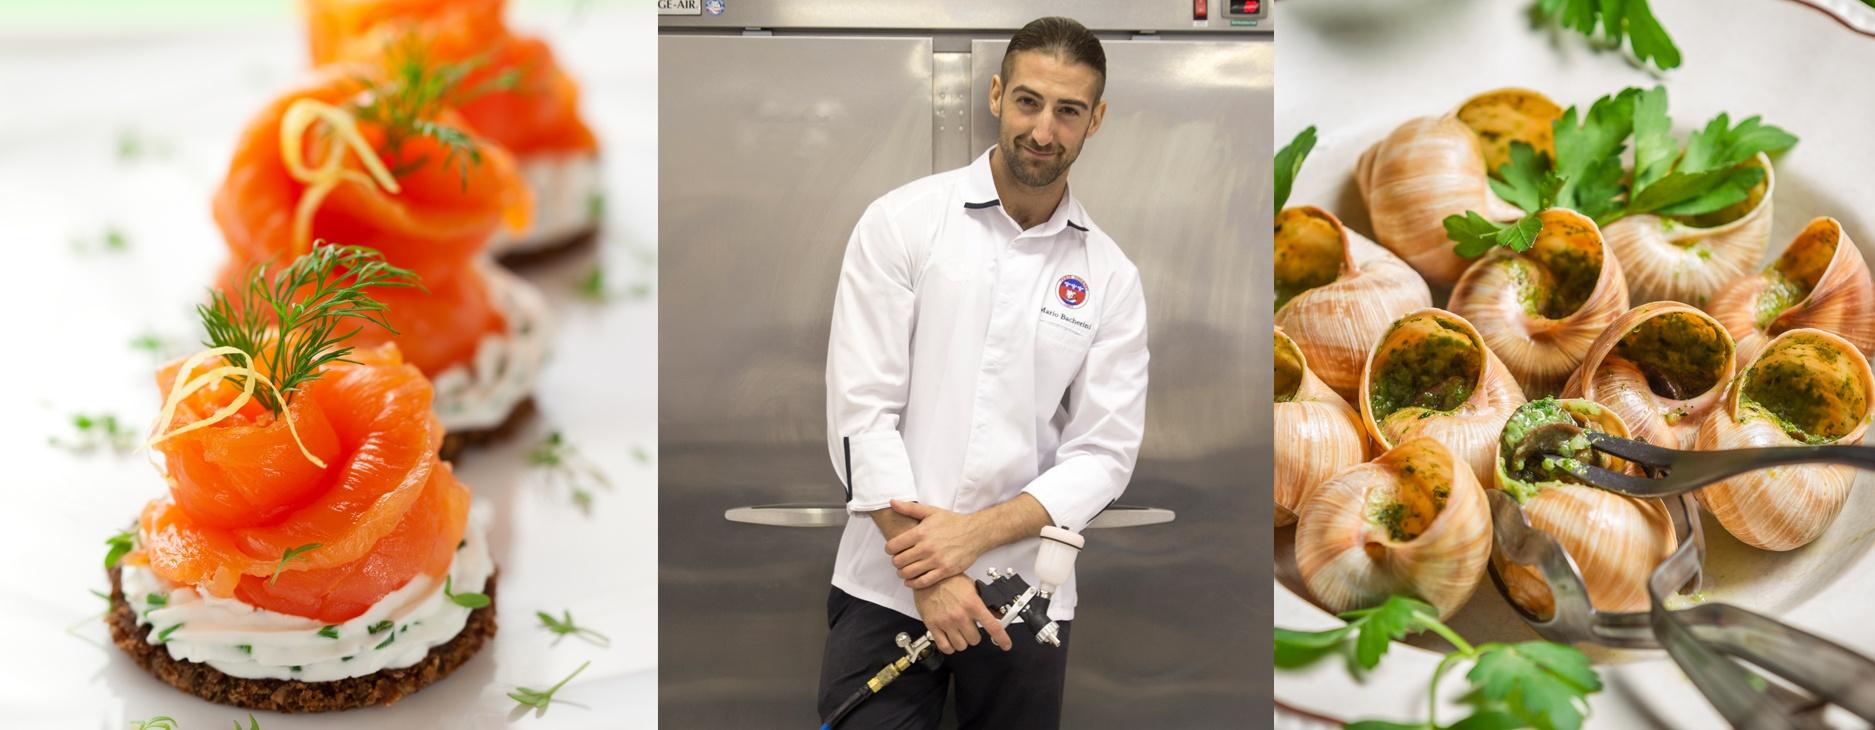 paris gourmet homepage slider